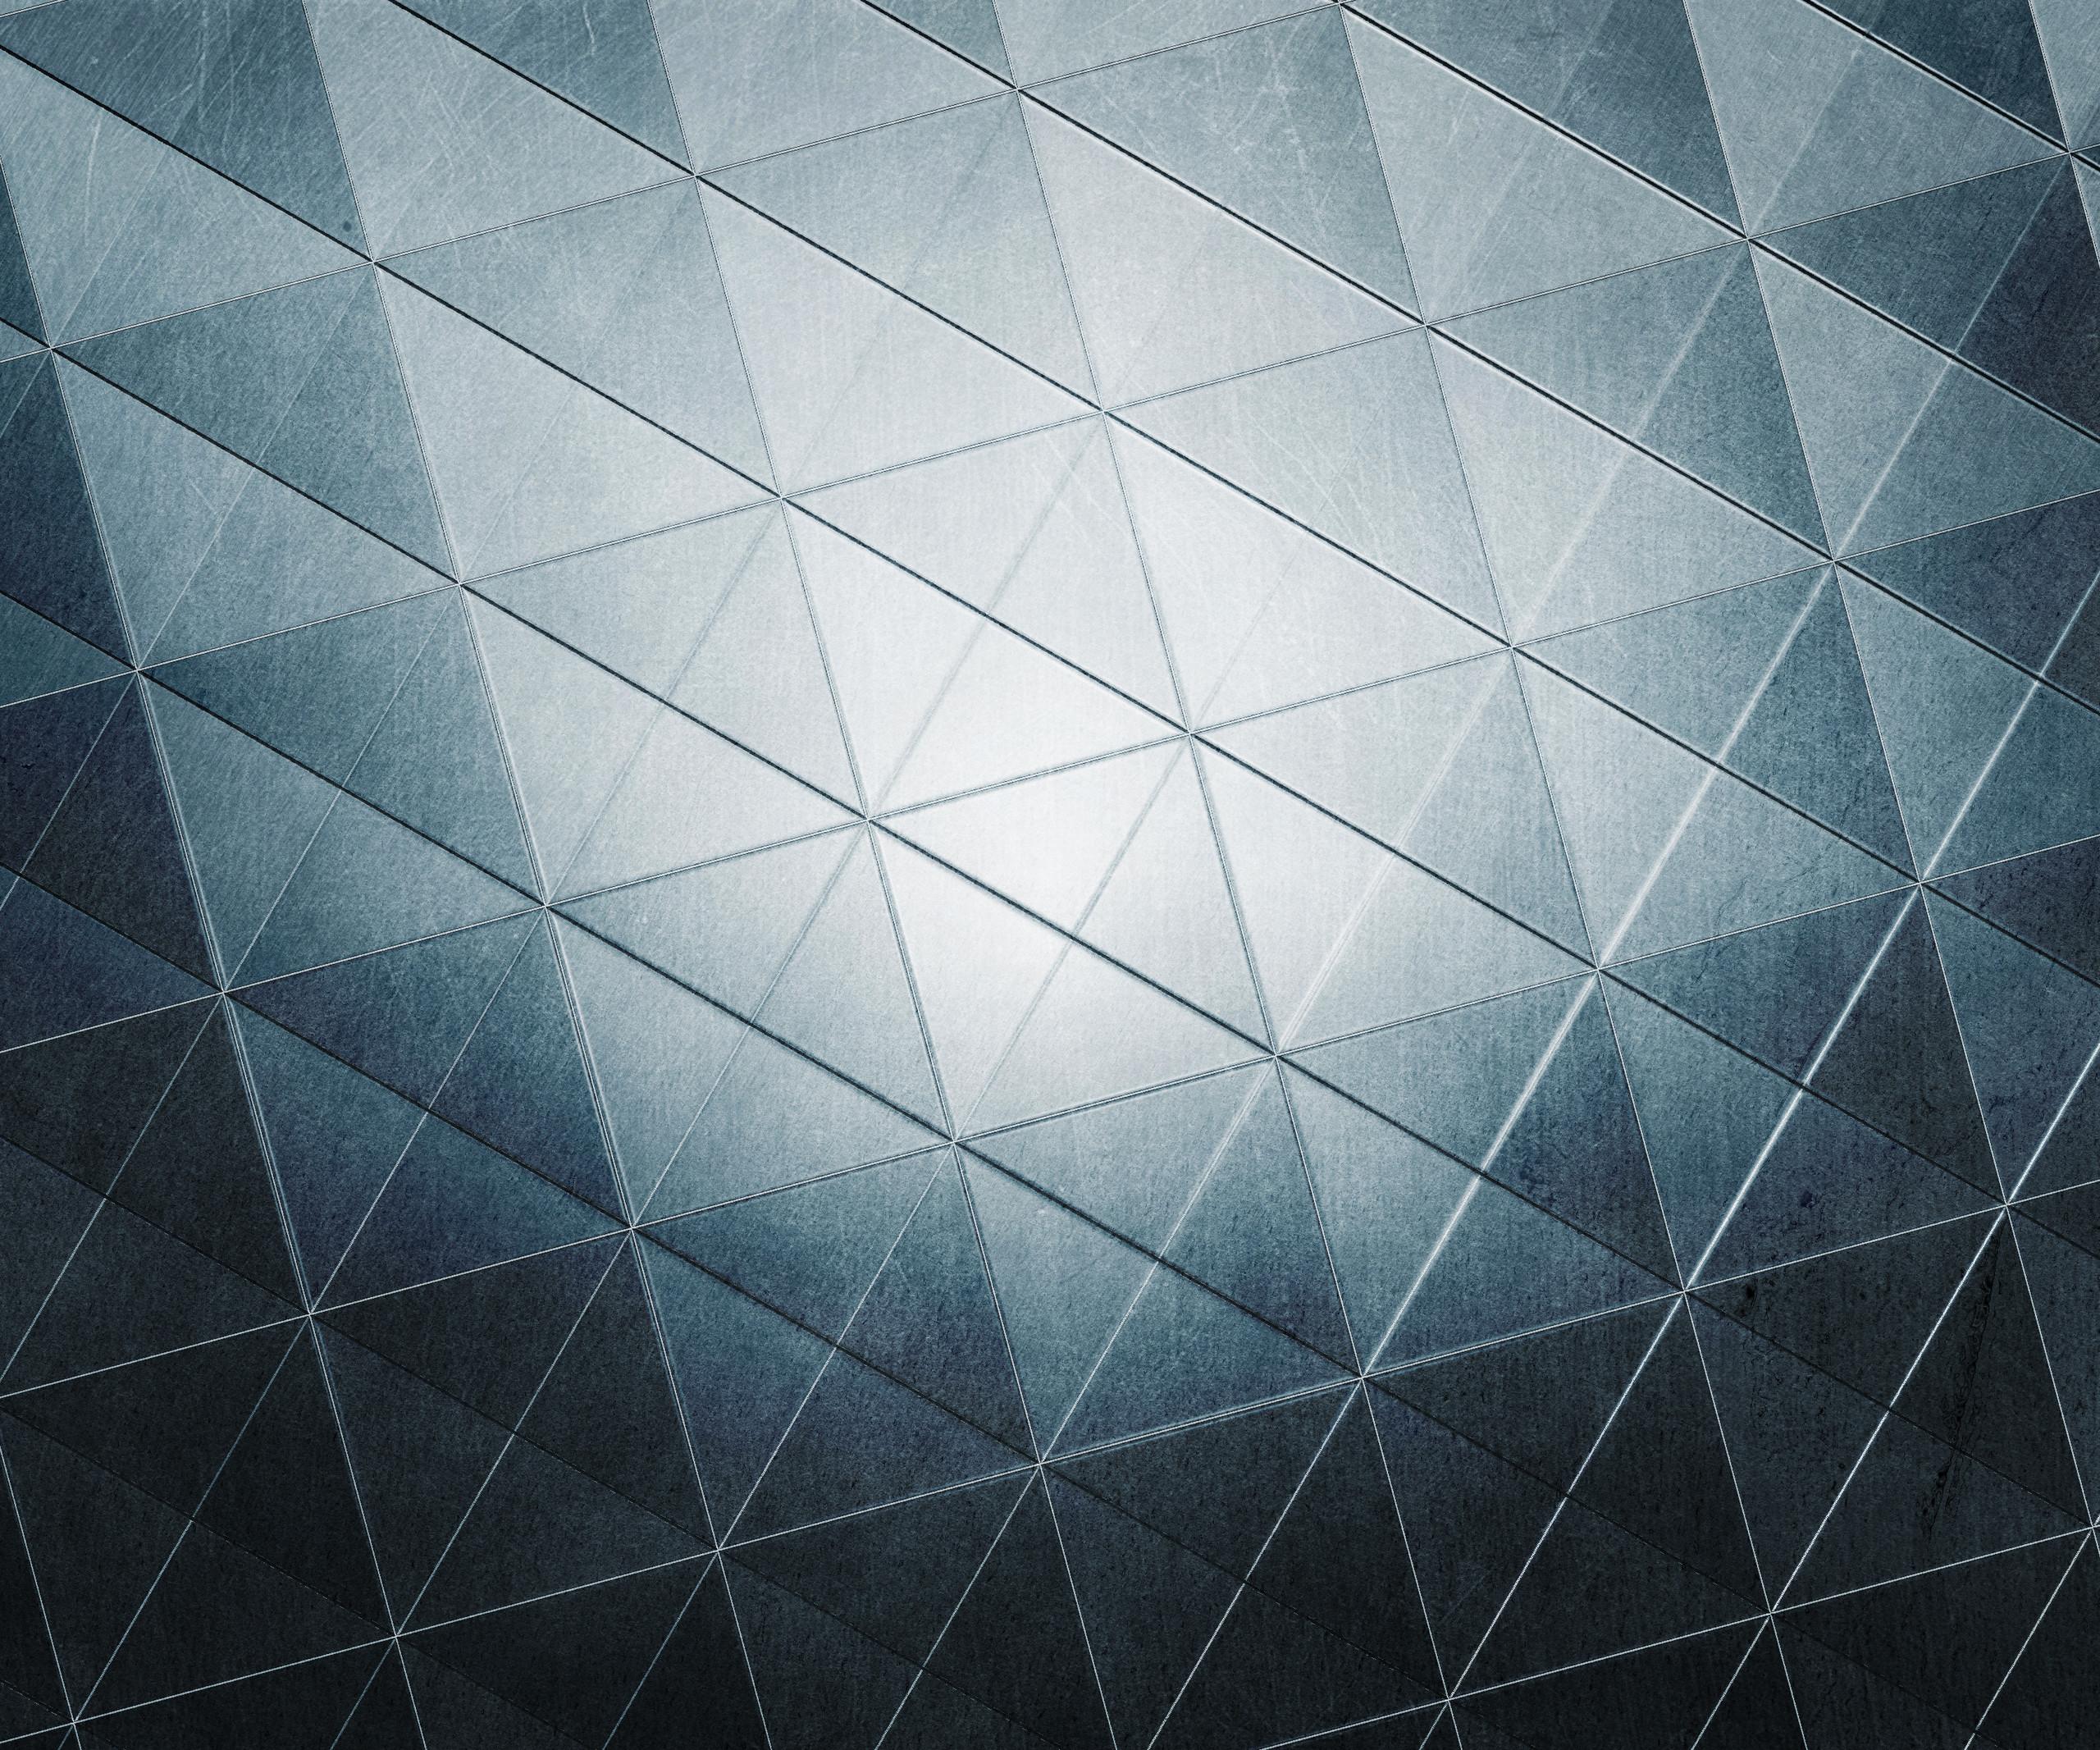 Metalik Wallpaper, Arkaplan HD